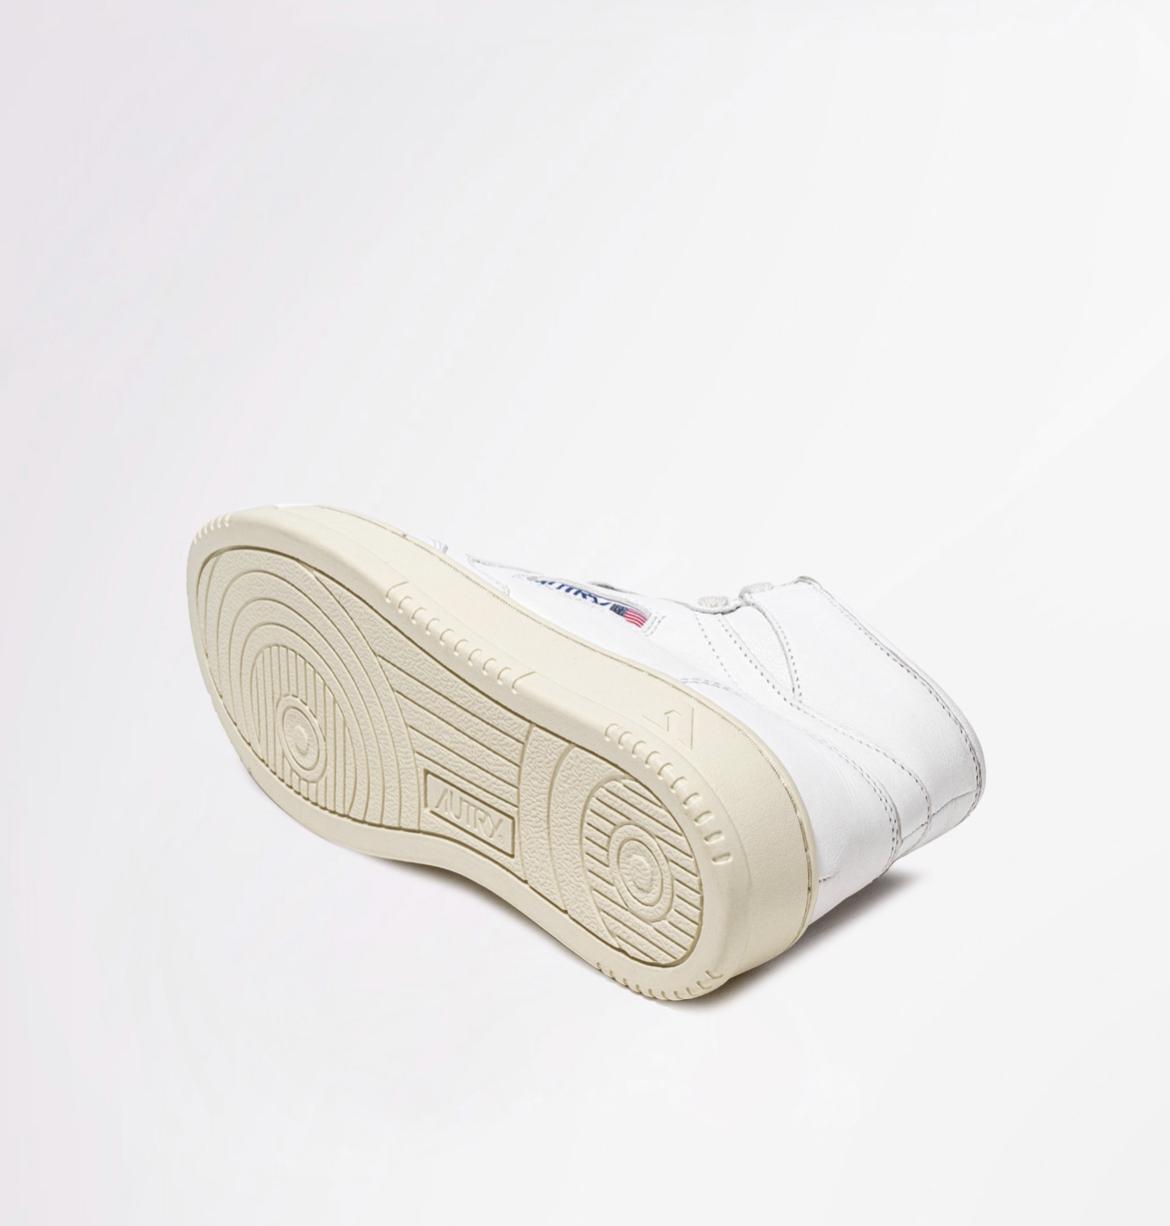 AUMW GG042, Medalist, High Top Sneaker, Autry